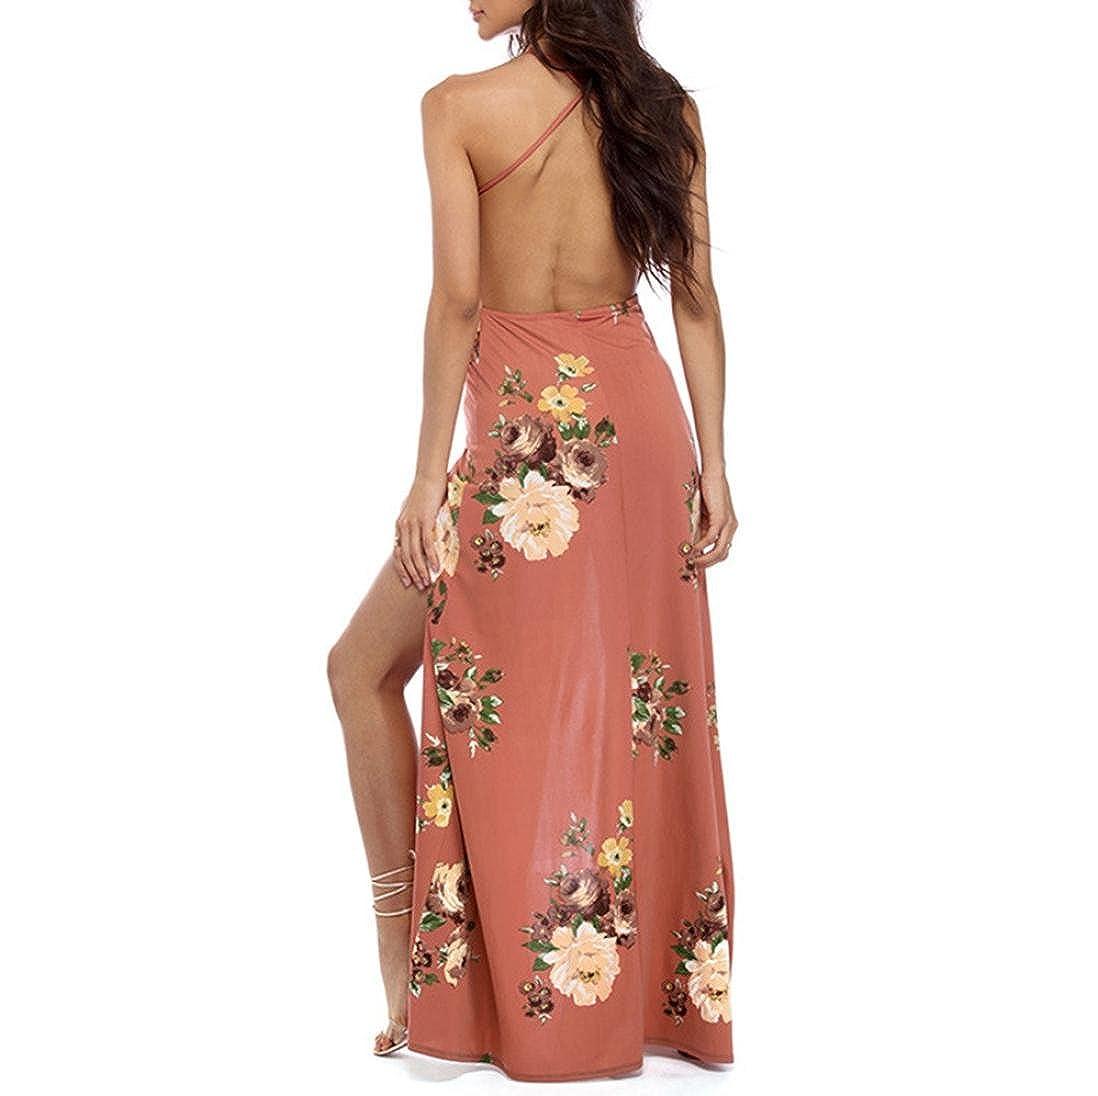 feiXIANG Faldas, Chaleco sin mangas de verano estampado sexy playa de doble costura vestido largo halter Vestido de arnés de corte bajo escote en V con ...